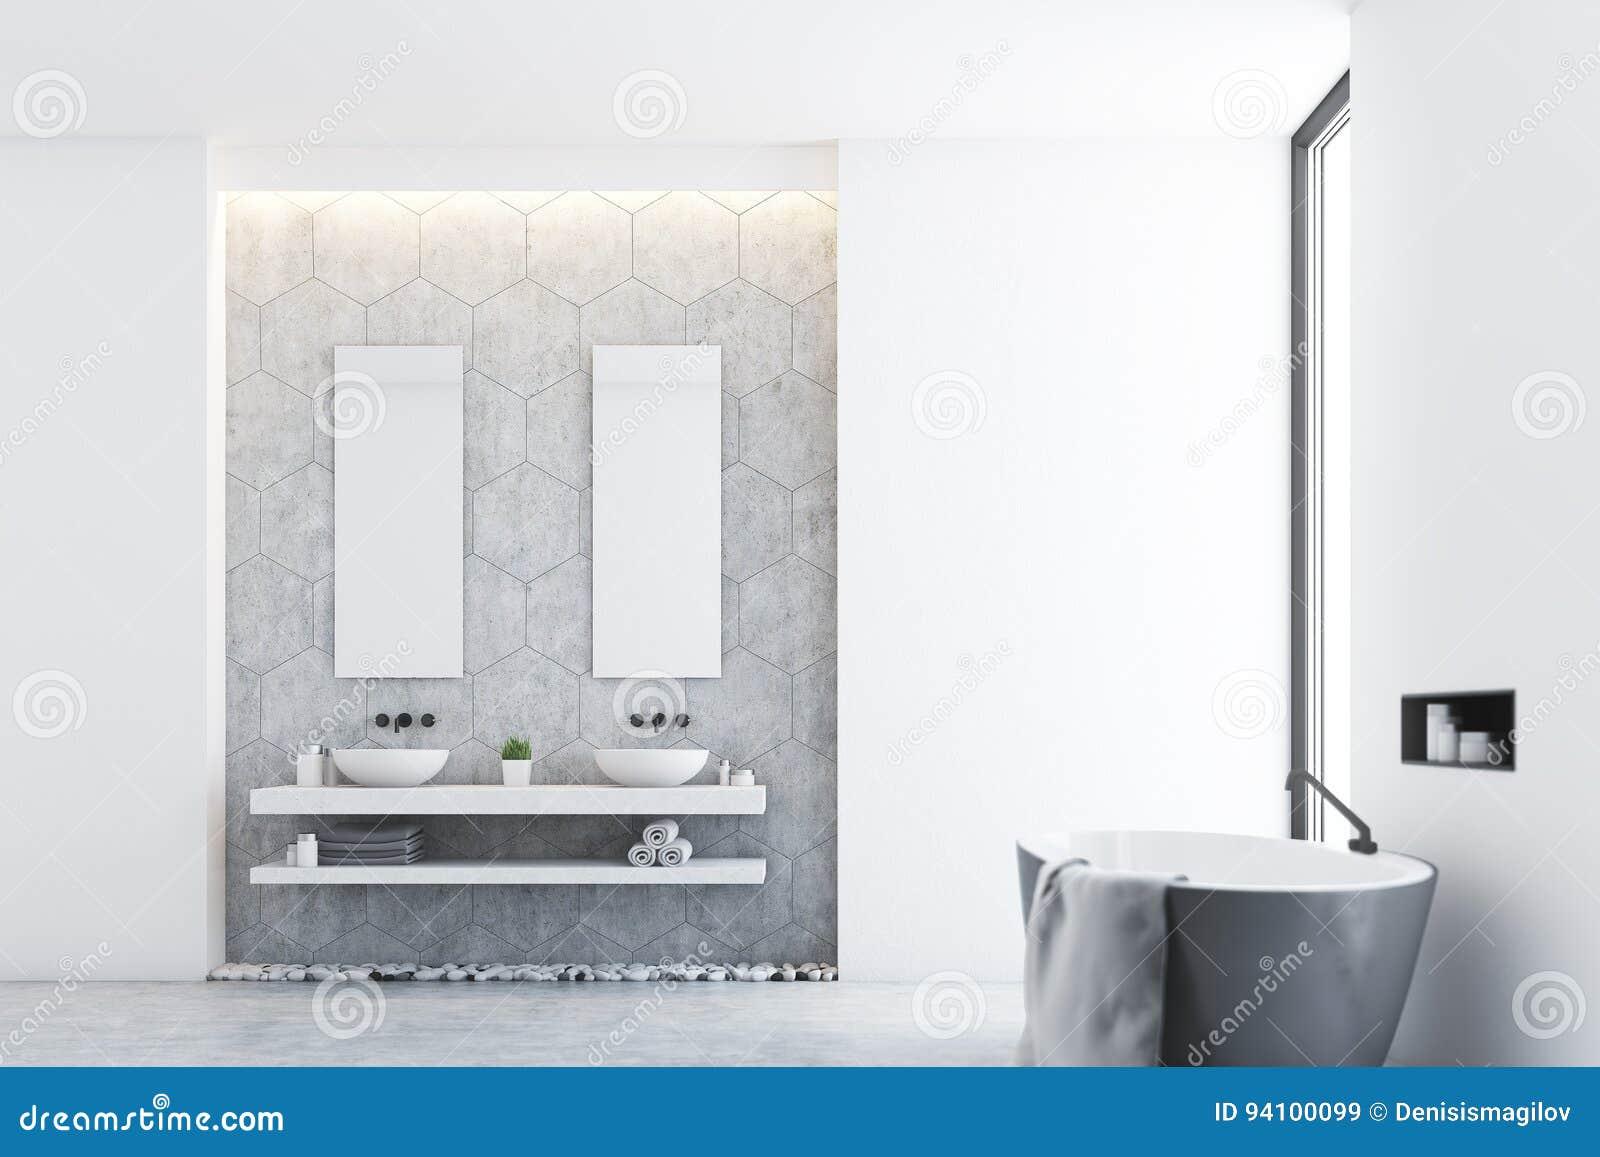 Graues Badezimmer Und Ein Fenster, Seite Stock Abbildung ...